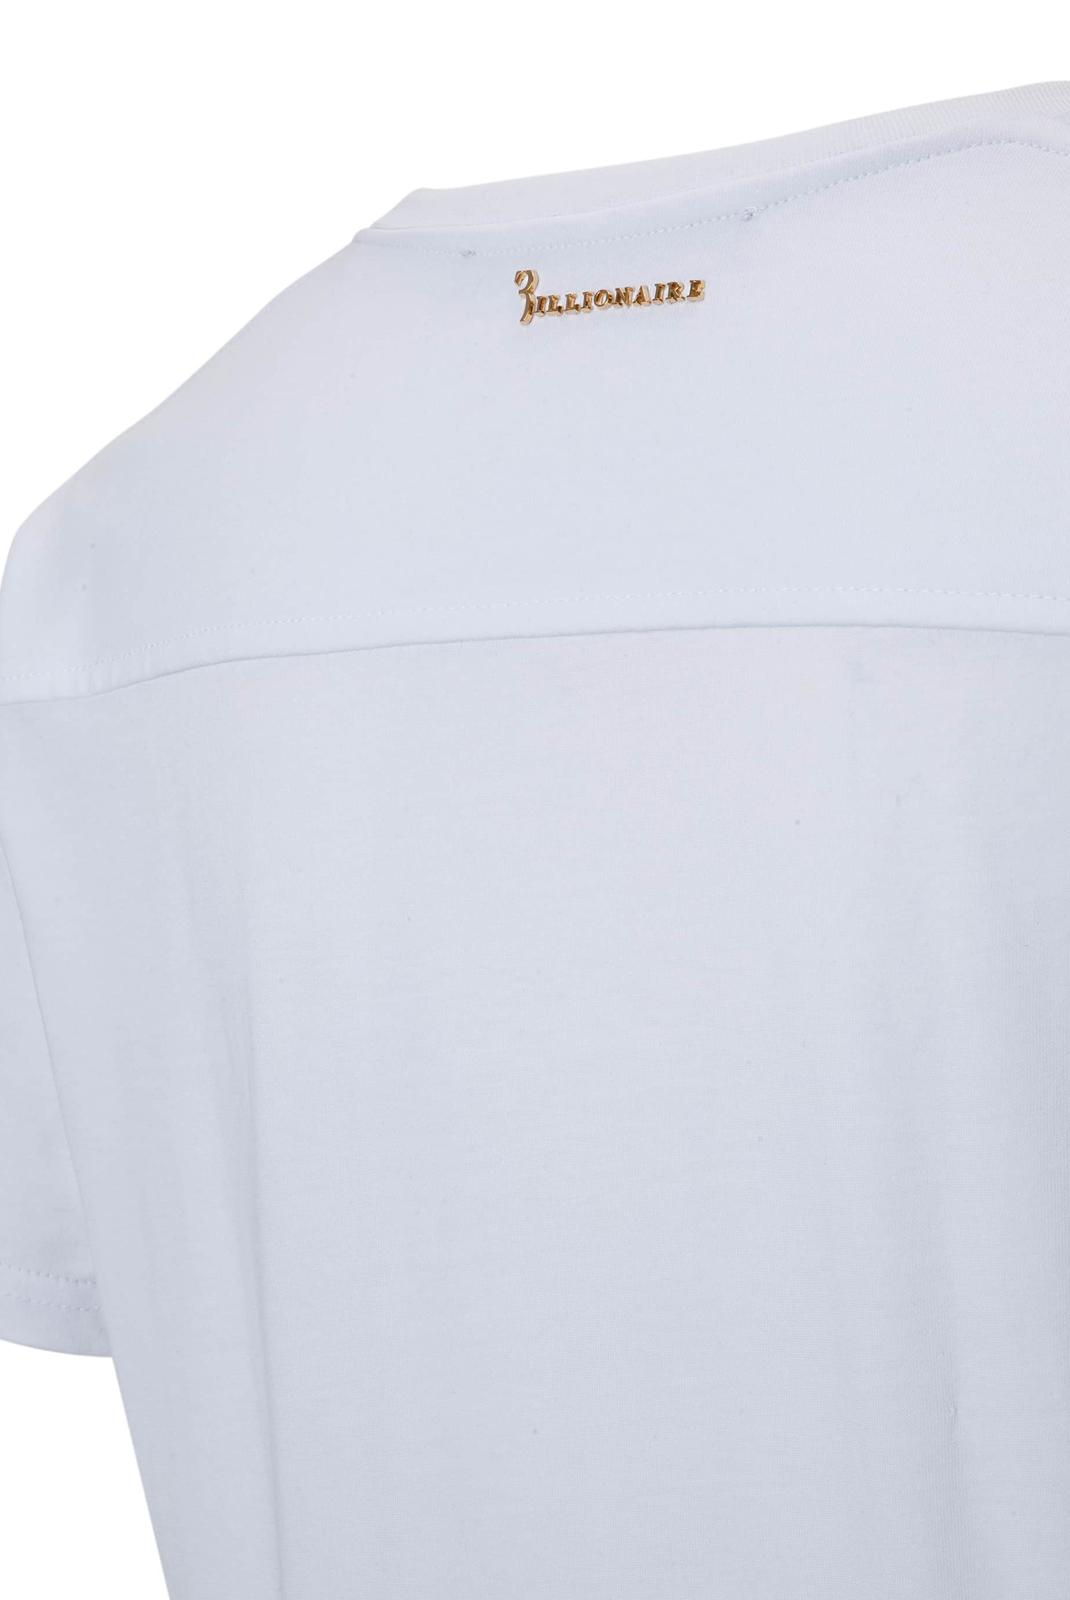 T-S manches courtes  Billionaire MTK1467 FULL 01 WHITE